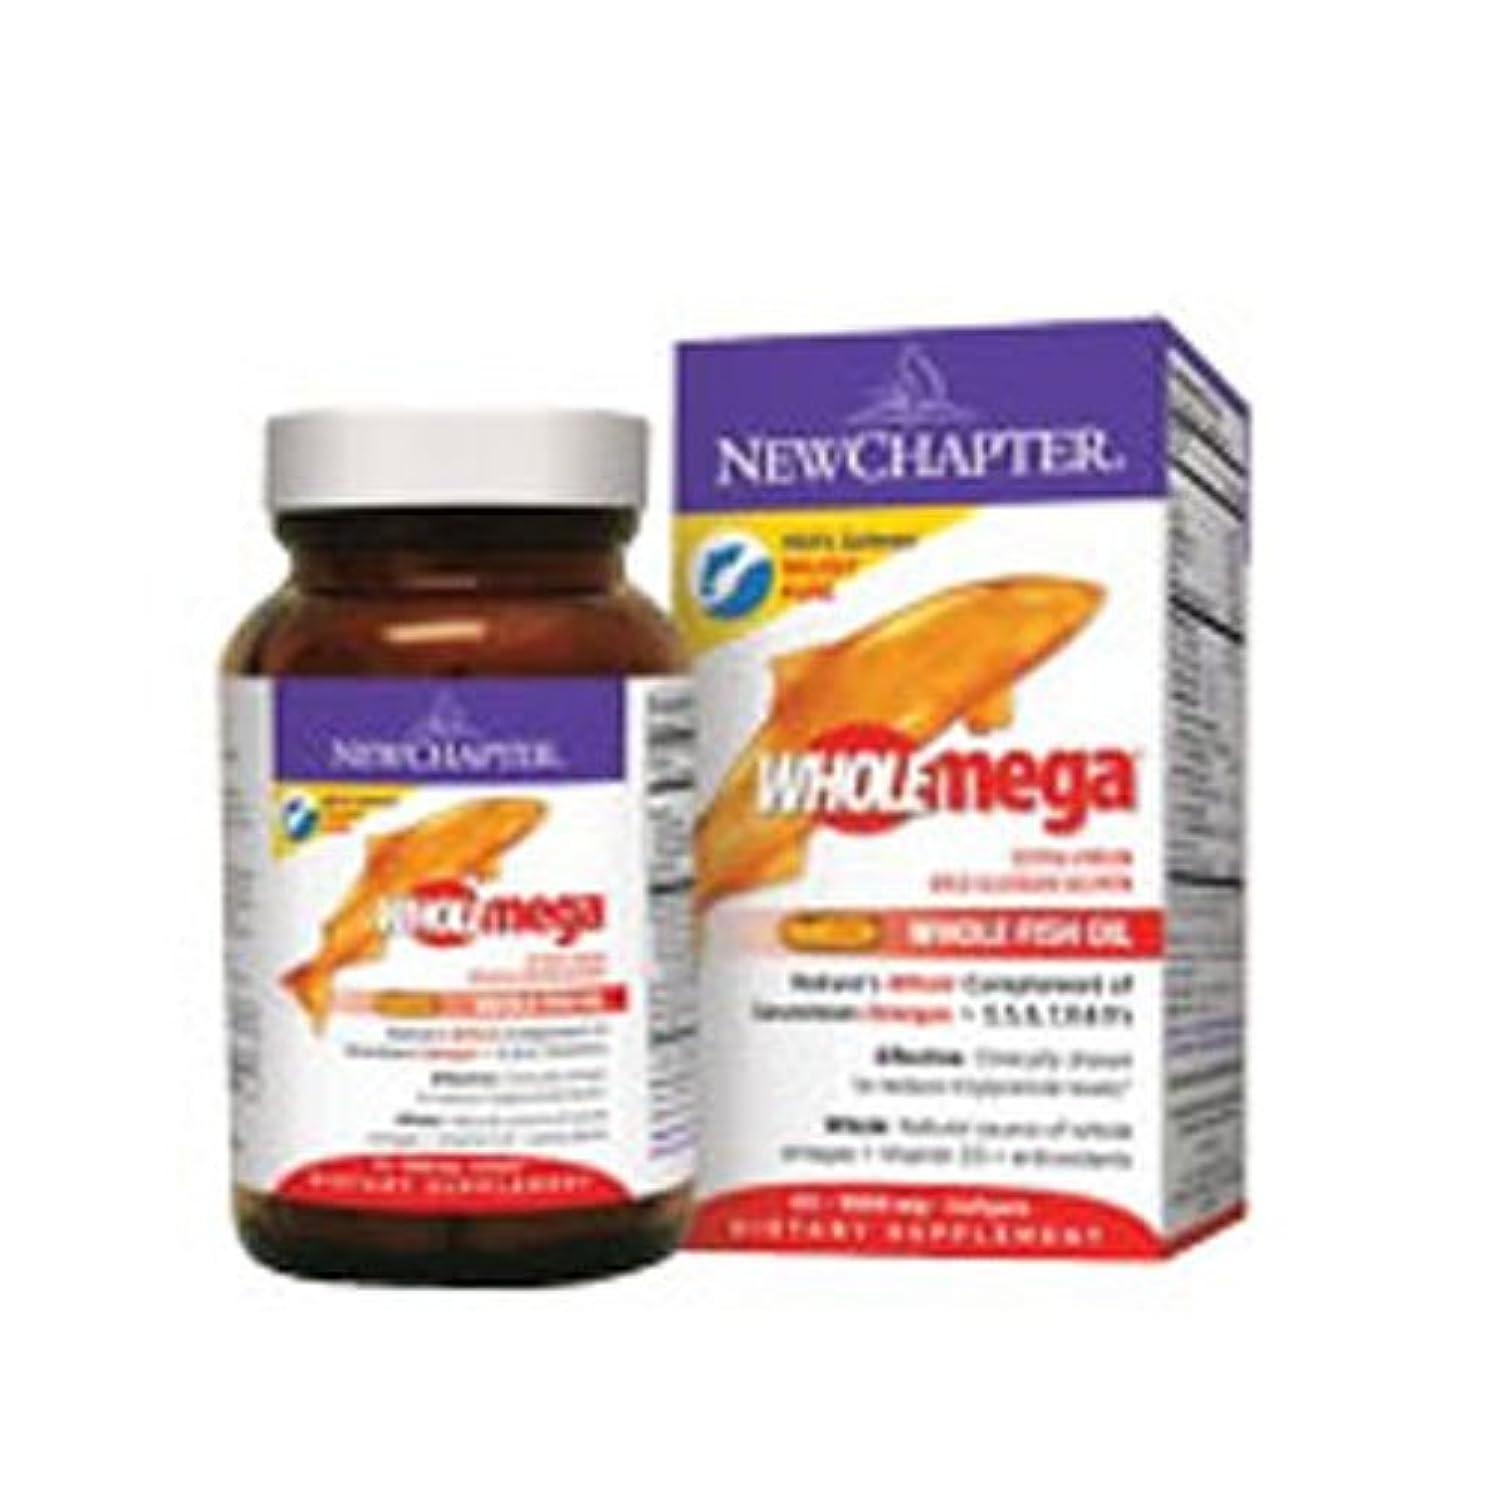 してはいけませんカラス障害New Chapter Wholemega extra pure fish oil - 1000 mg, 120 softgels (Multi-Pack) by Wholemega Fish Oil,